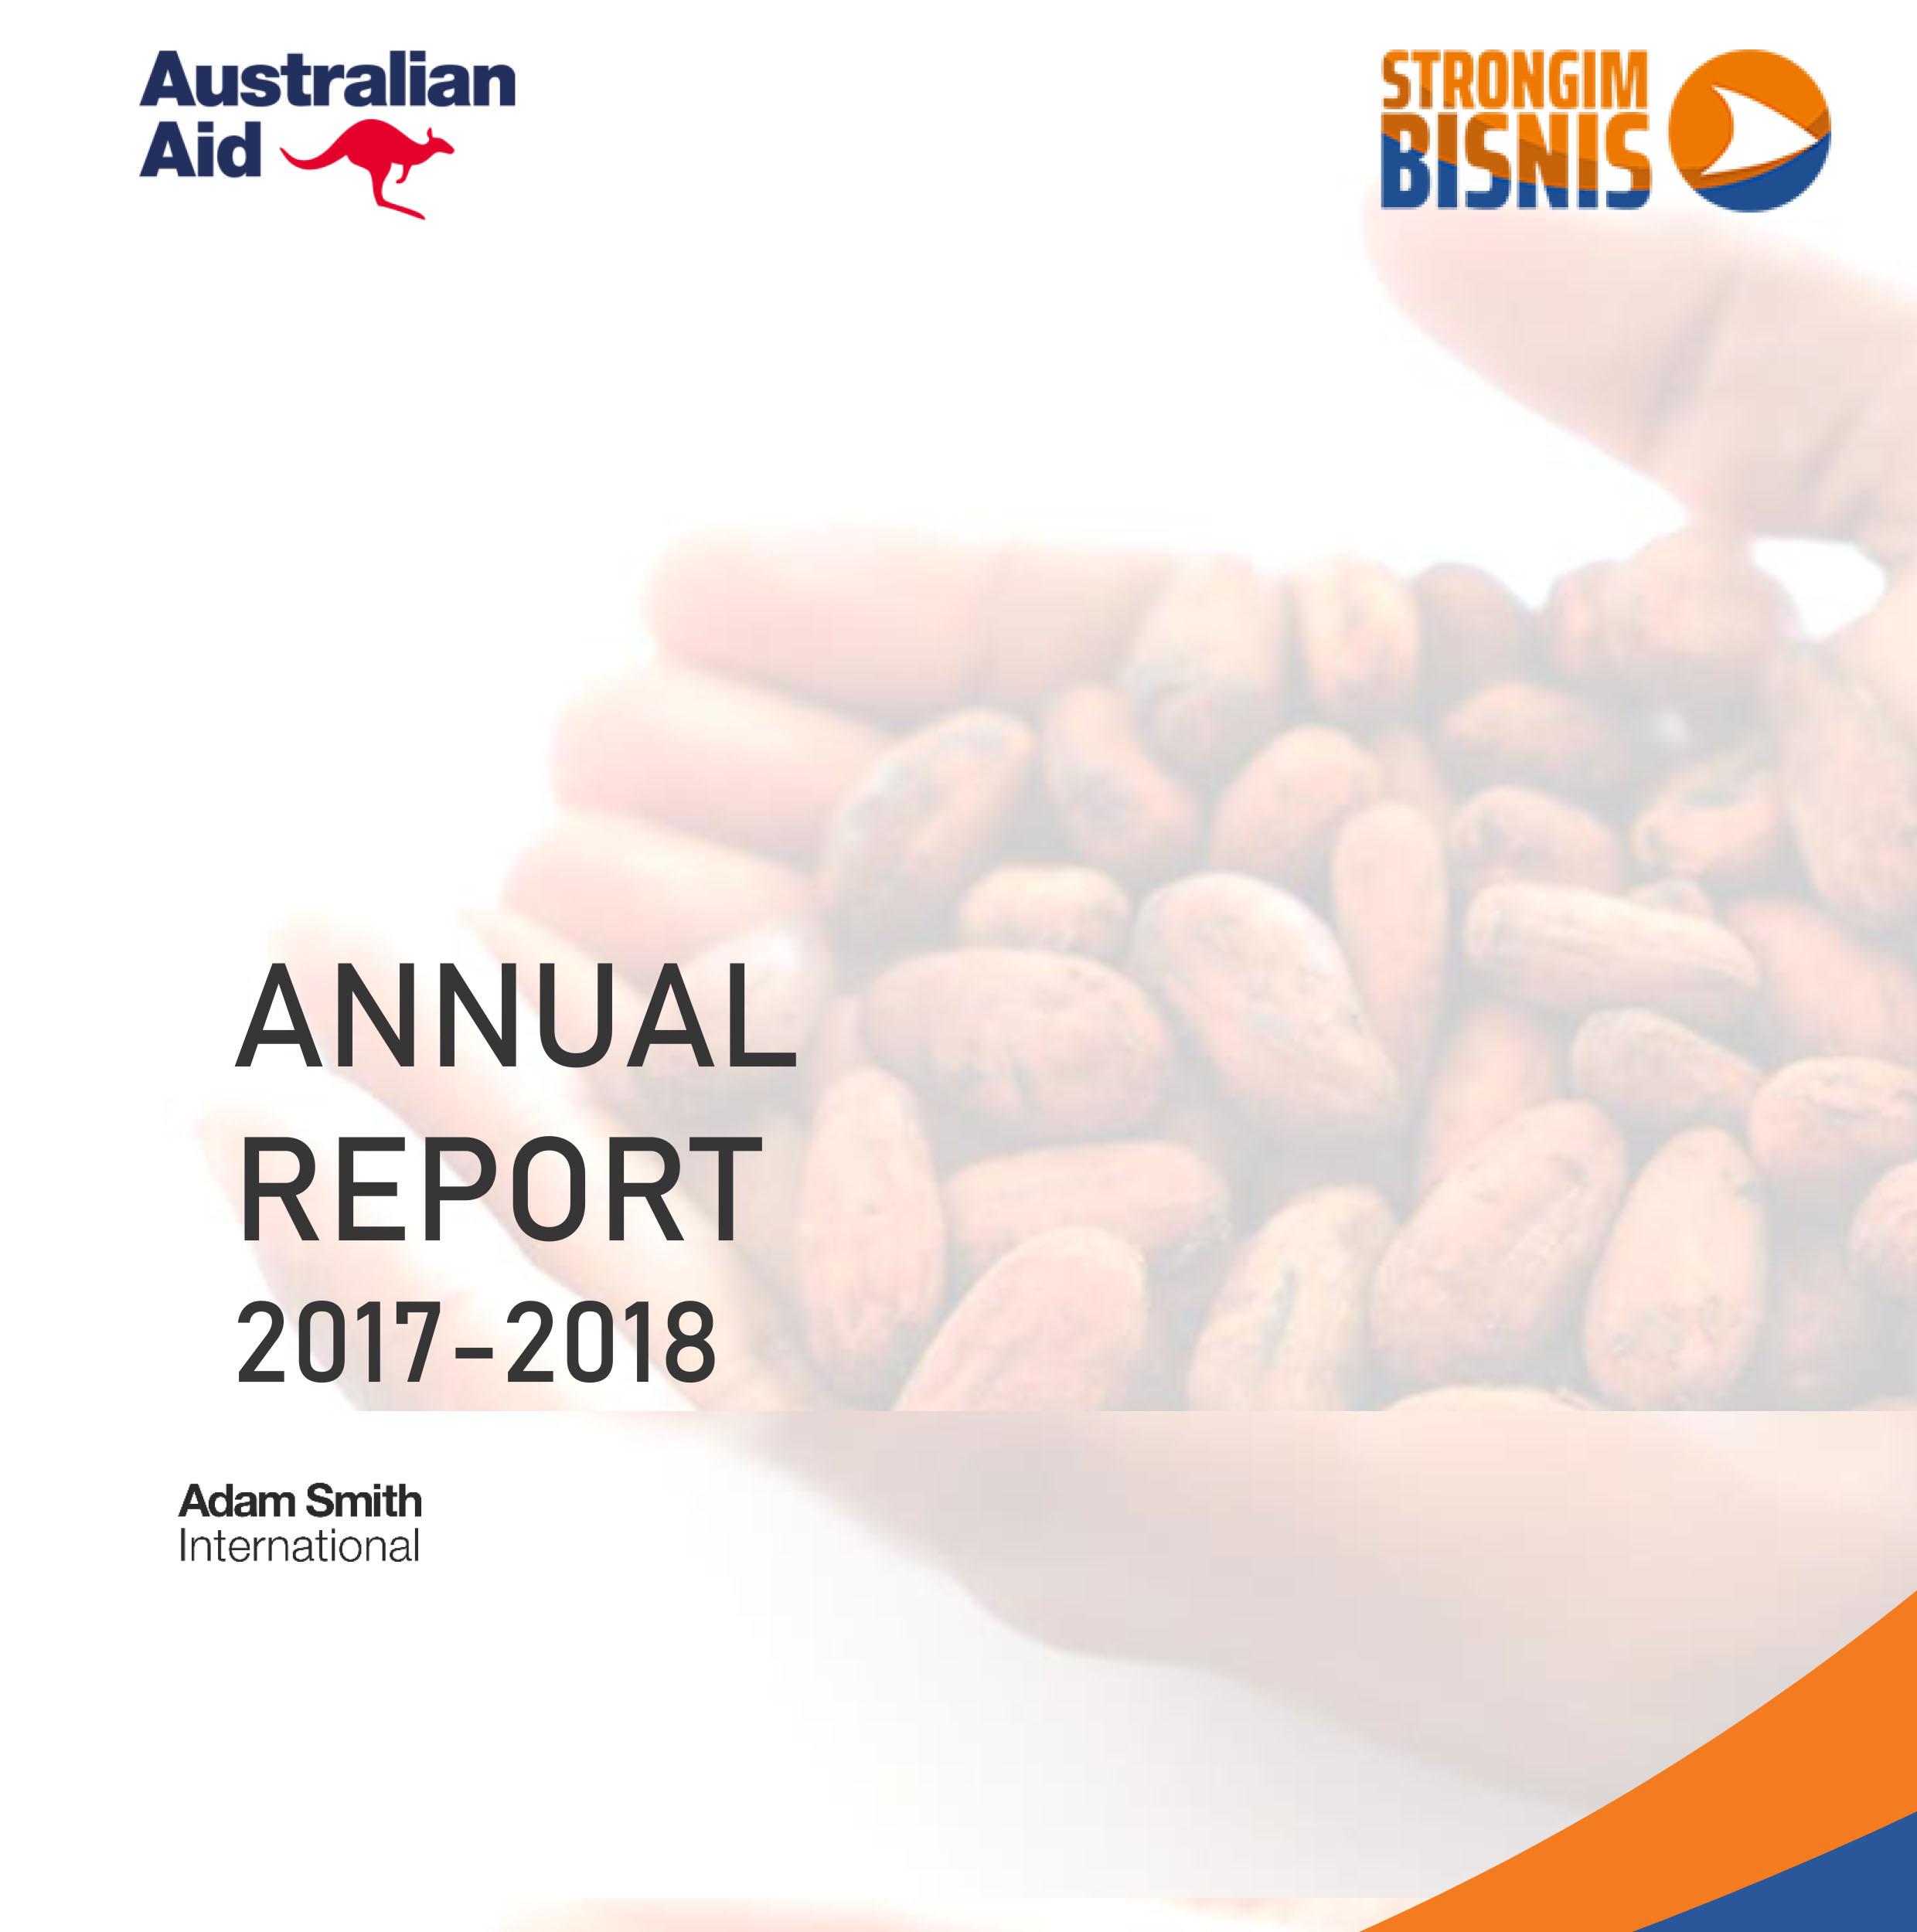 2018 Annual Report Strongim Bisnis